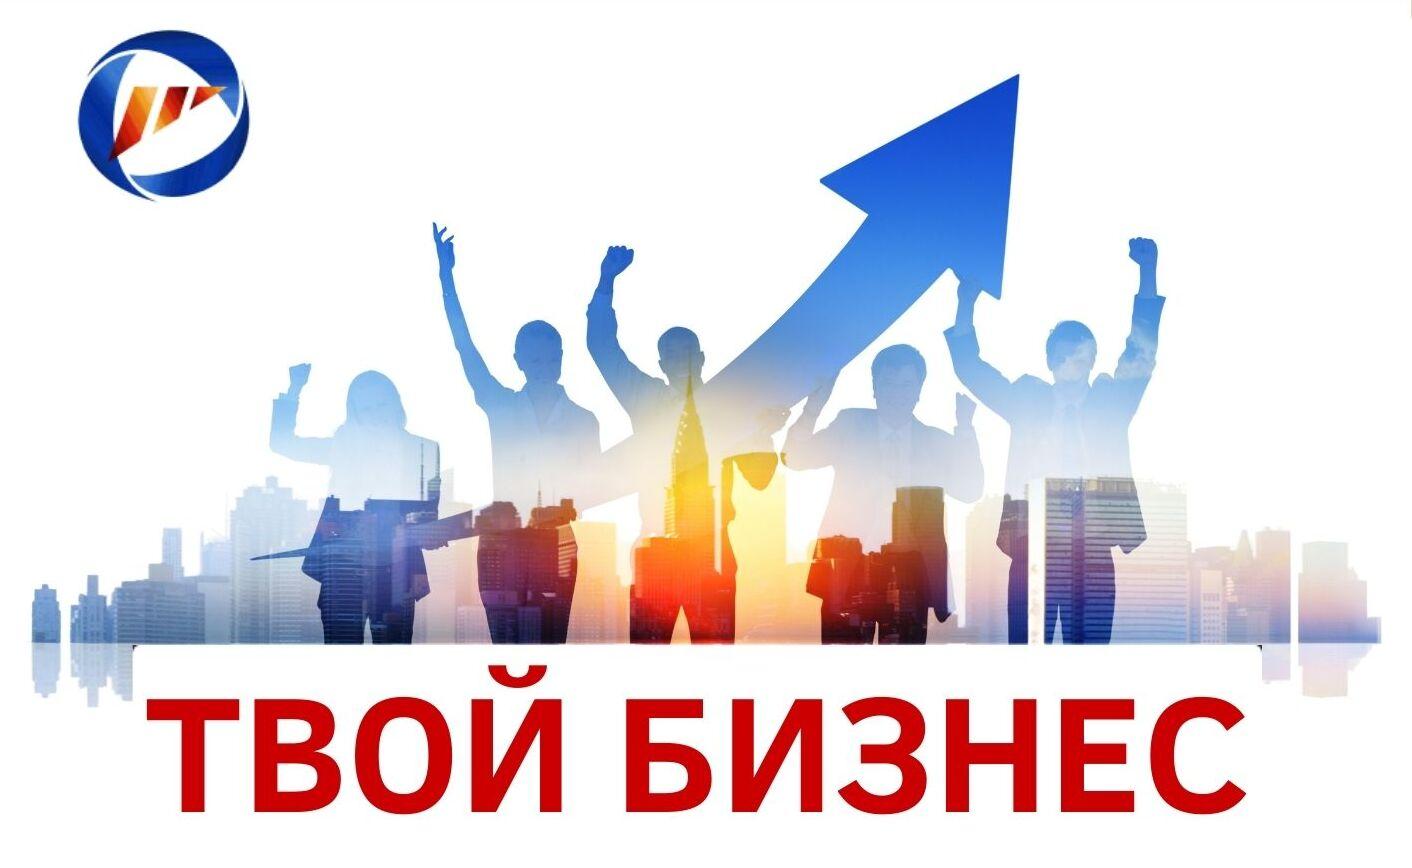 Проект «Твой бизнес» будет организован на постоянной основе